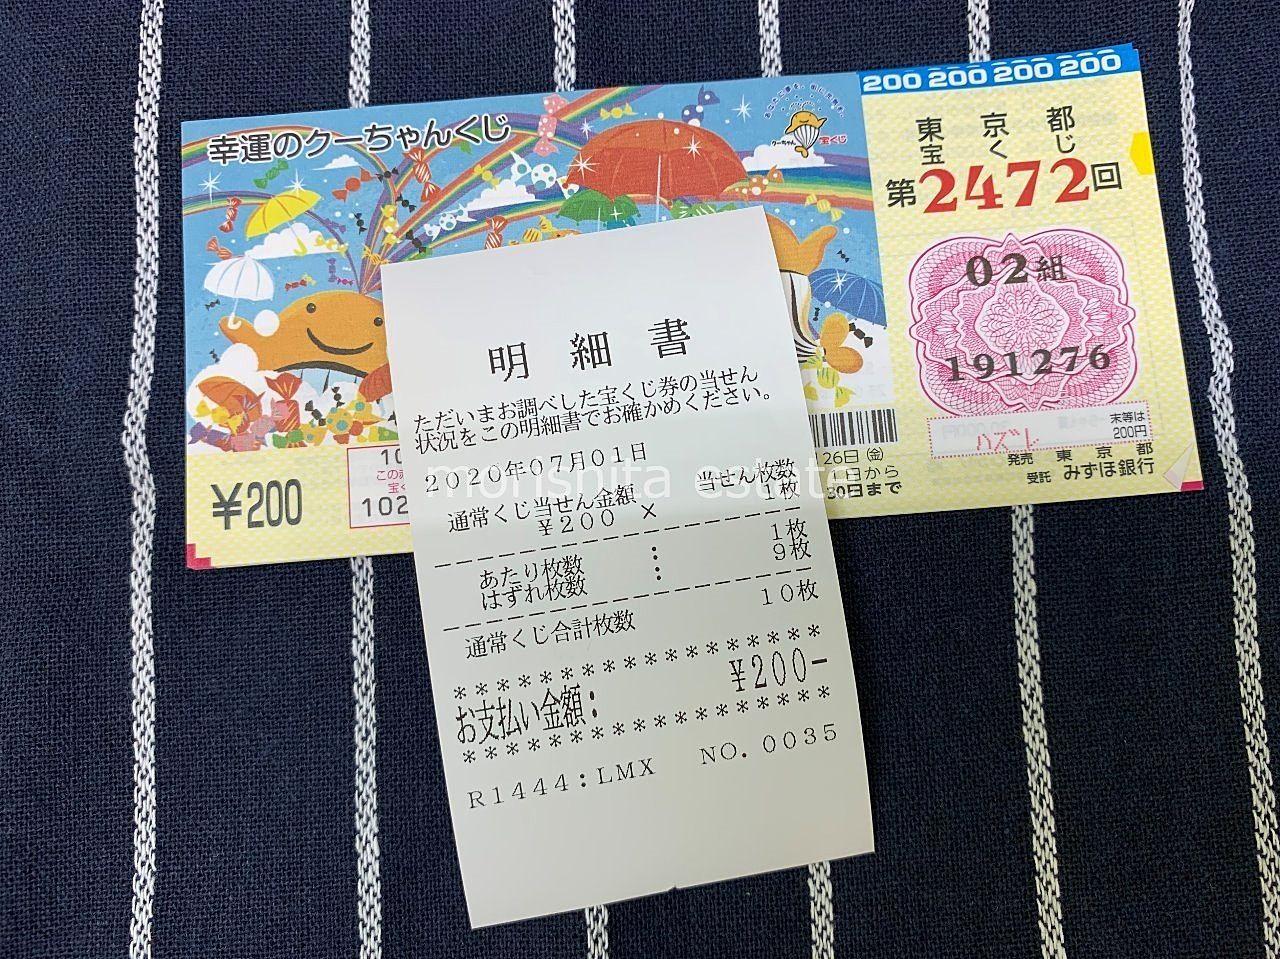 第2472回 東京都宝くじ 幸運のクーちゃんくじ 結果 写真